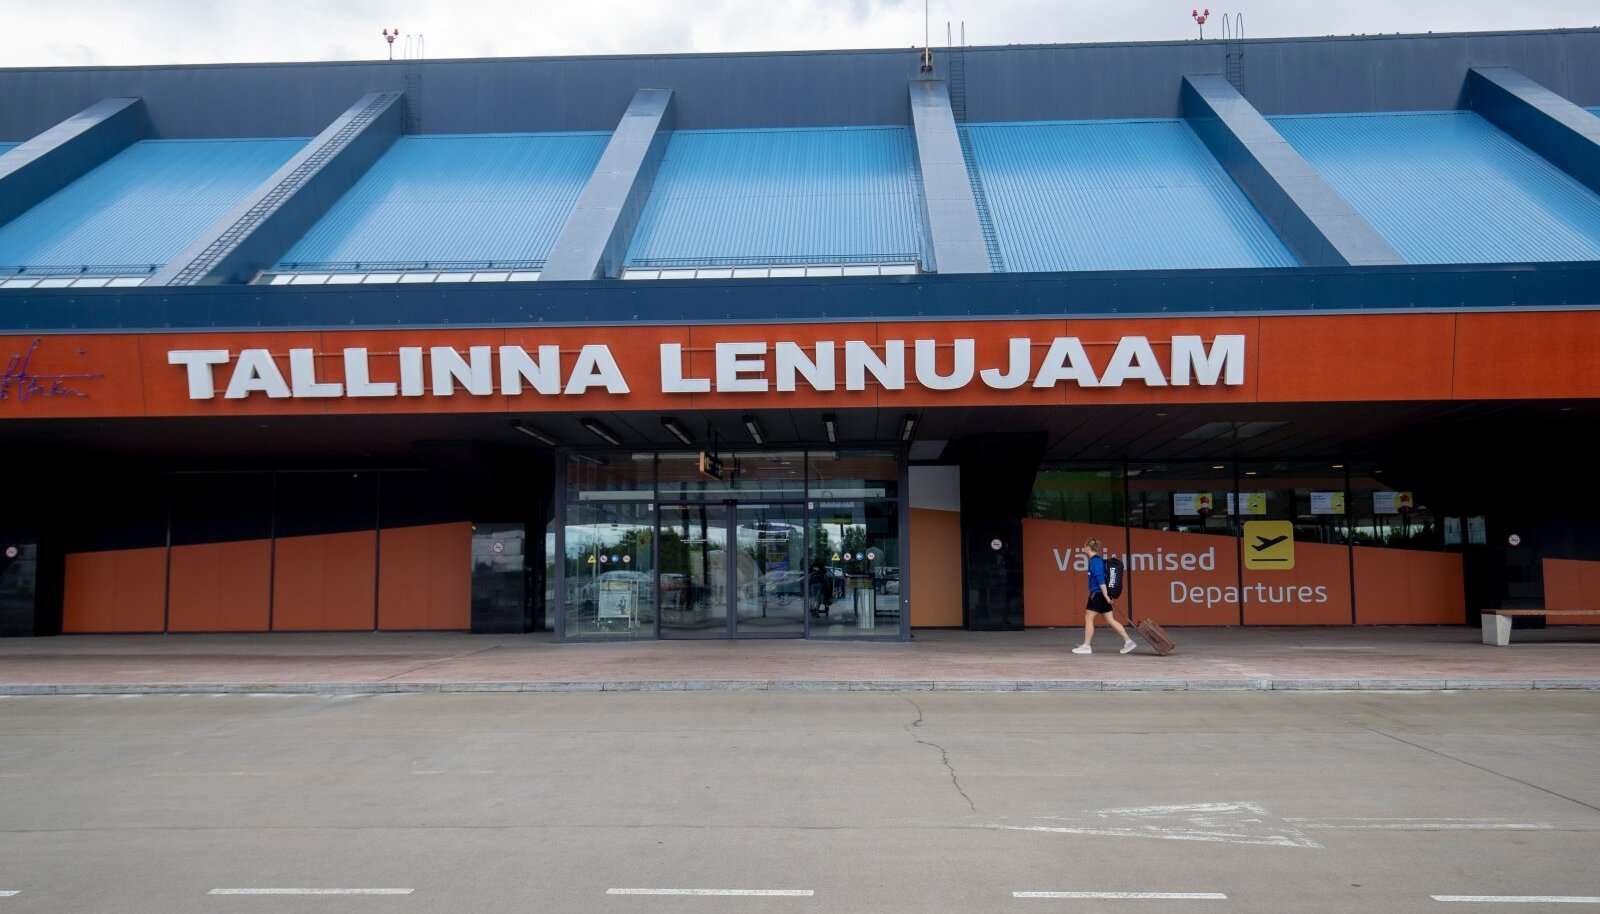 Tallinna lennujaam